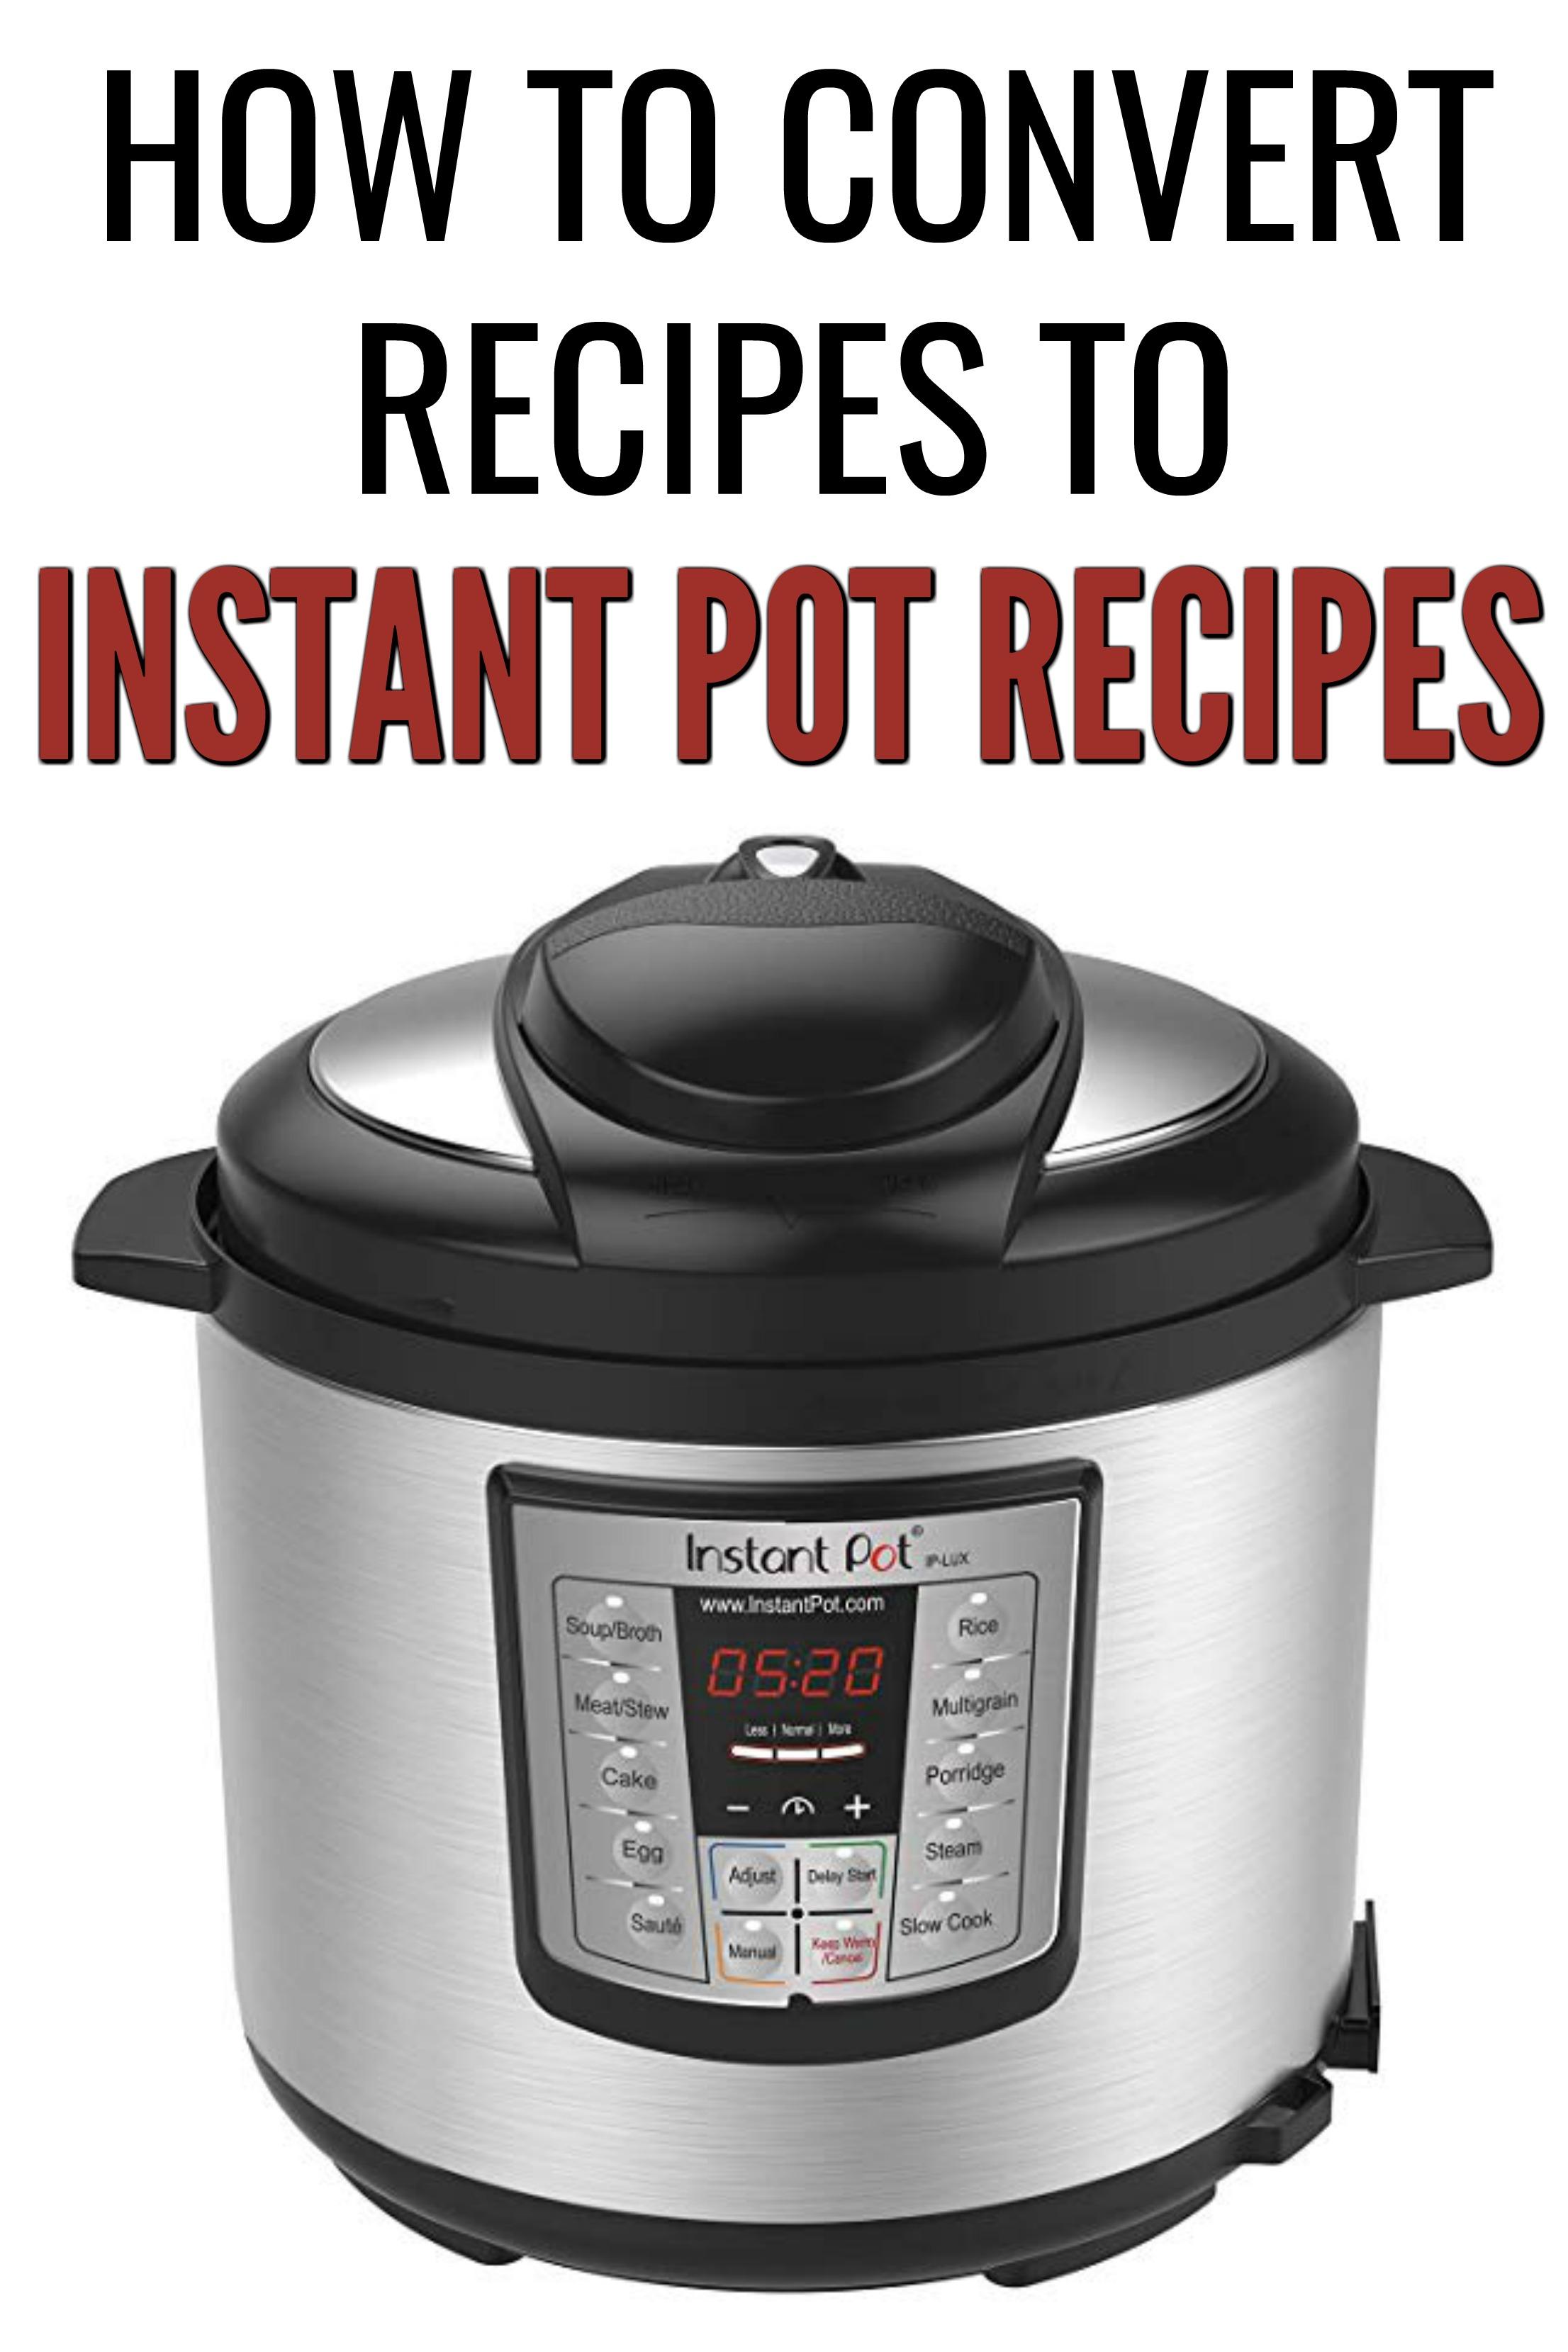 How to Convert Recipes into Instant Pot Recipes (9 Tips)